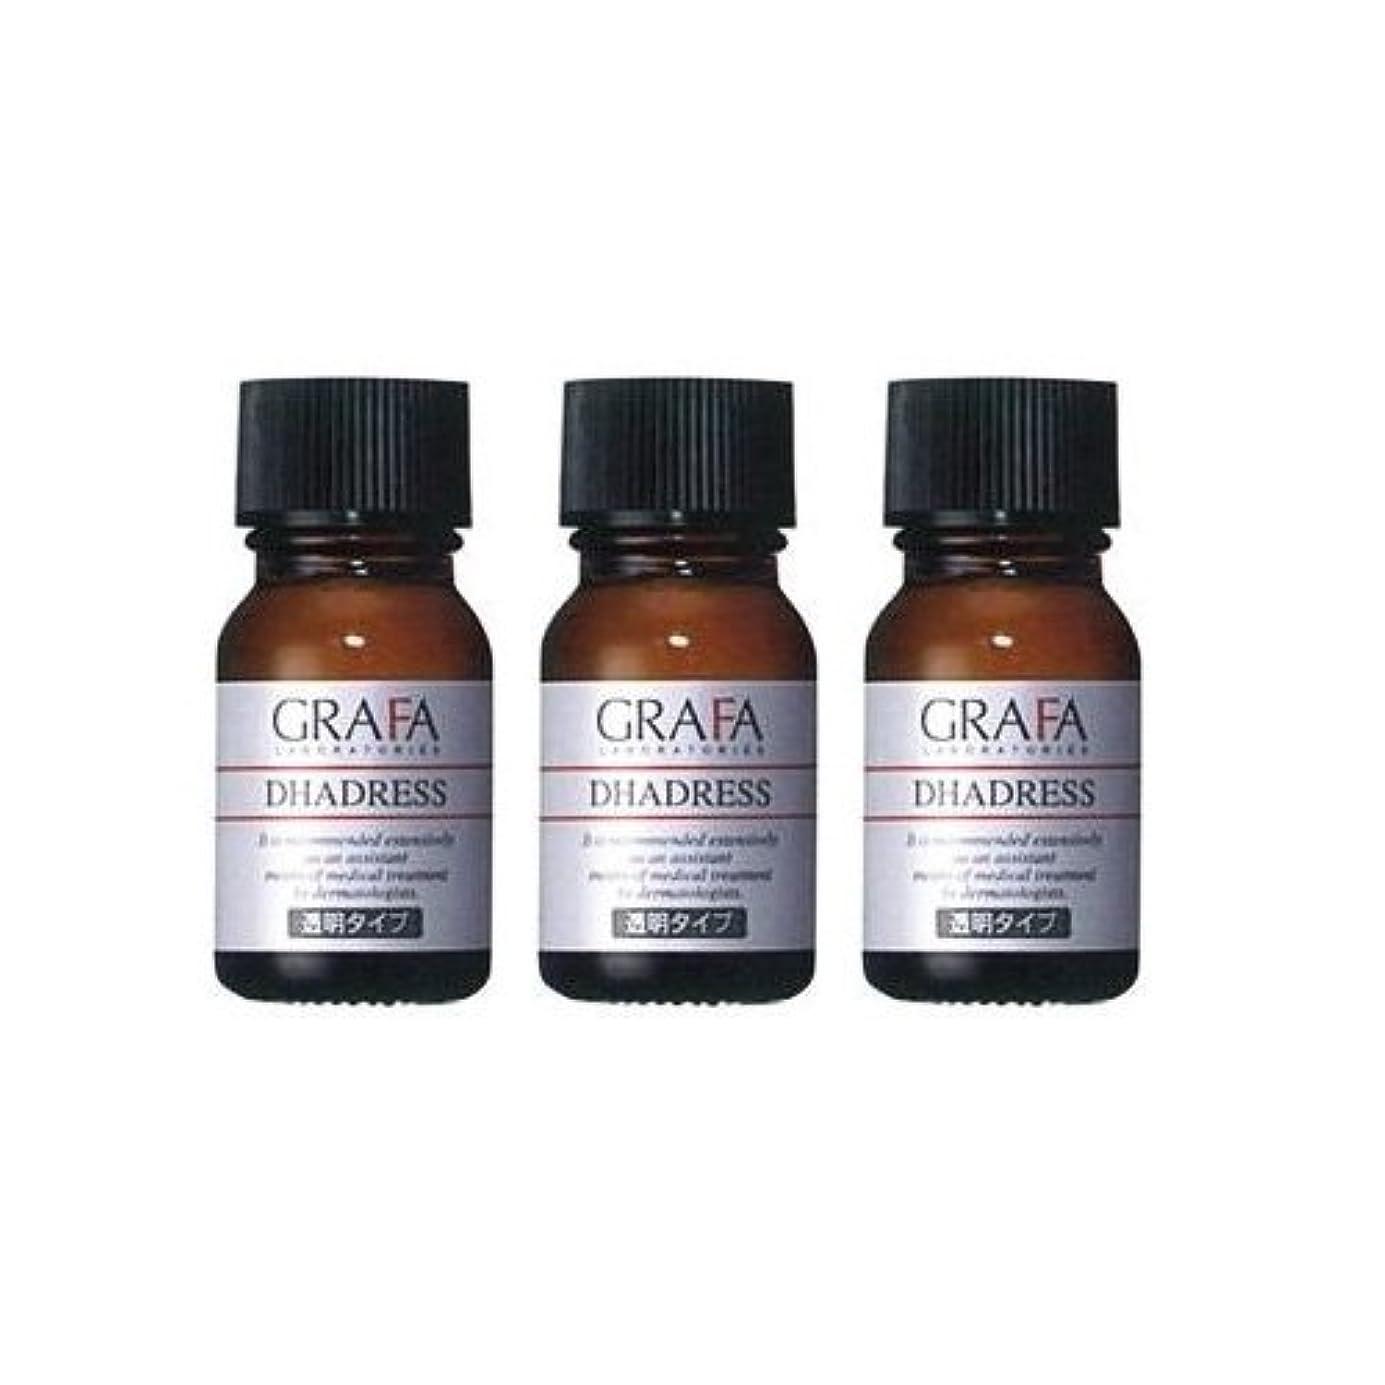 やさしい禁止する付与グラファ ダドレス (透明タイプ) 11mL × 3本 着色用化粧水 GRAFA DHADRESS